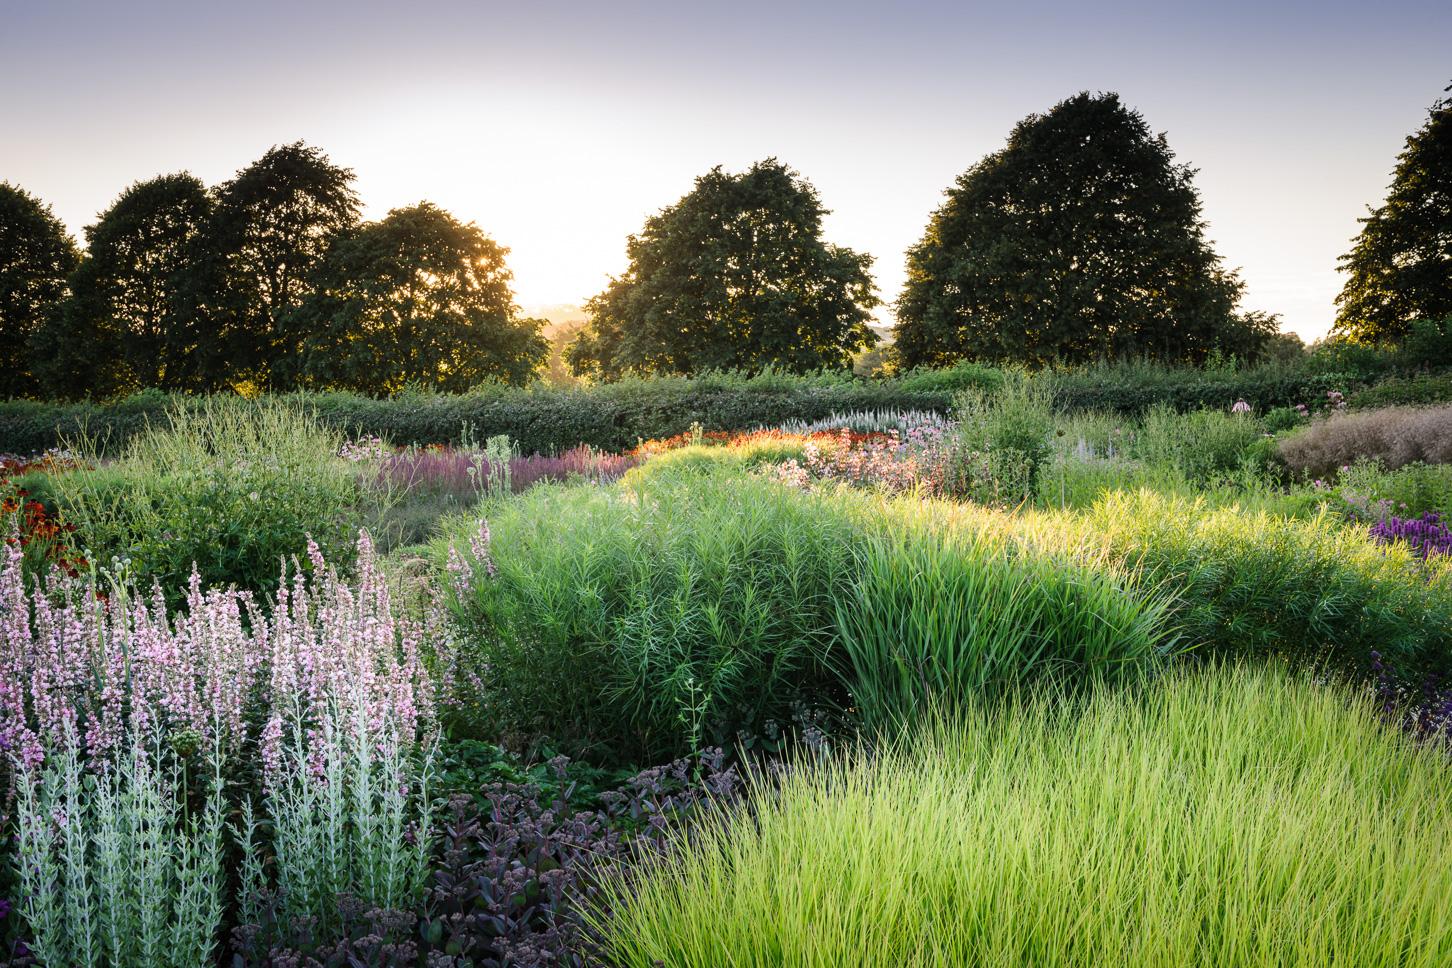 Piet Oudolf Field - Hauser & Wirth, Durslade Farm, Bruton, Somerset